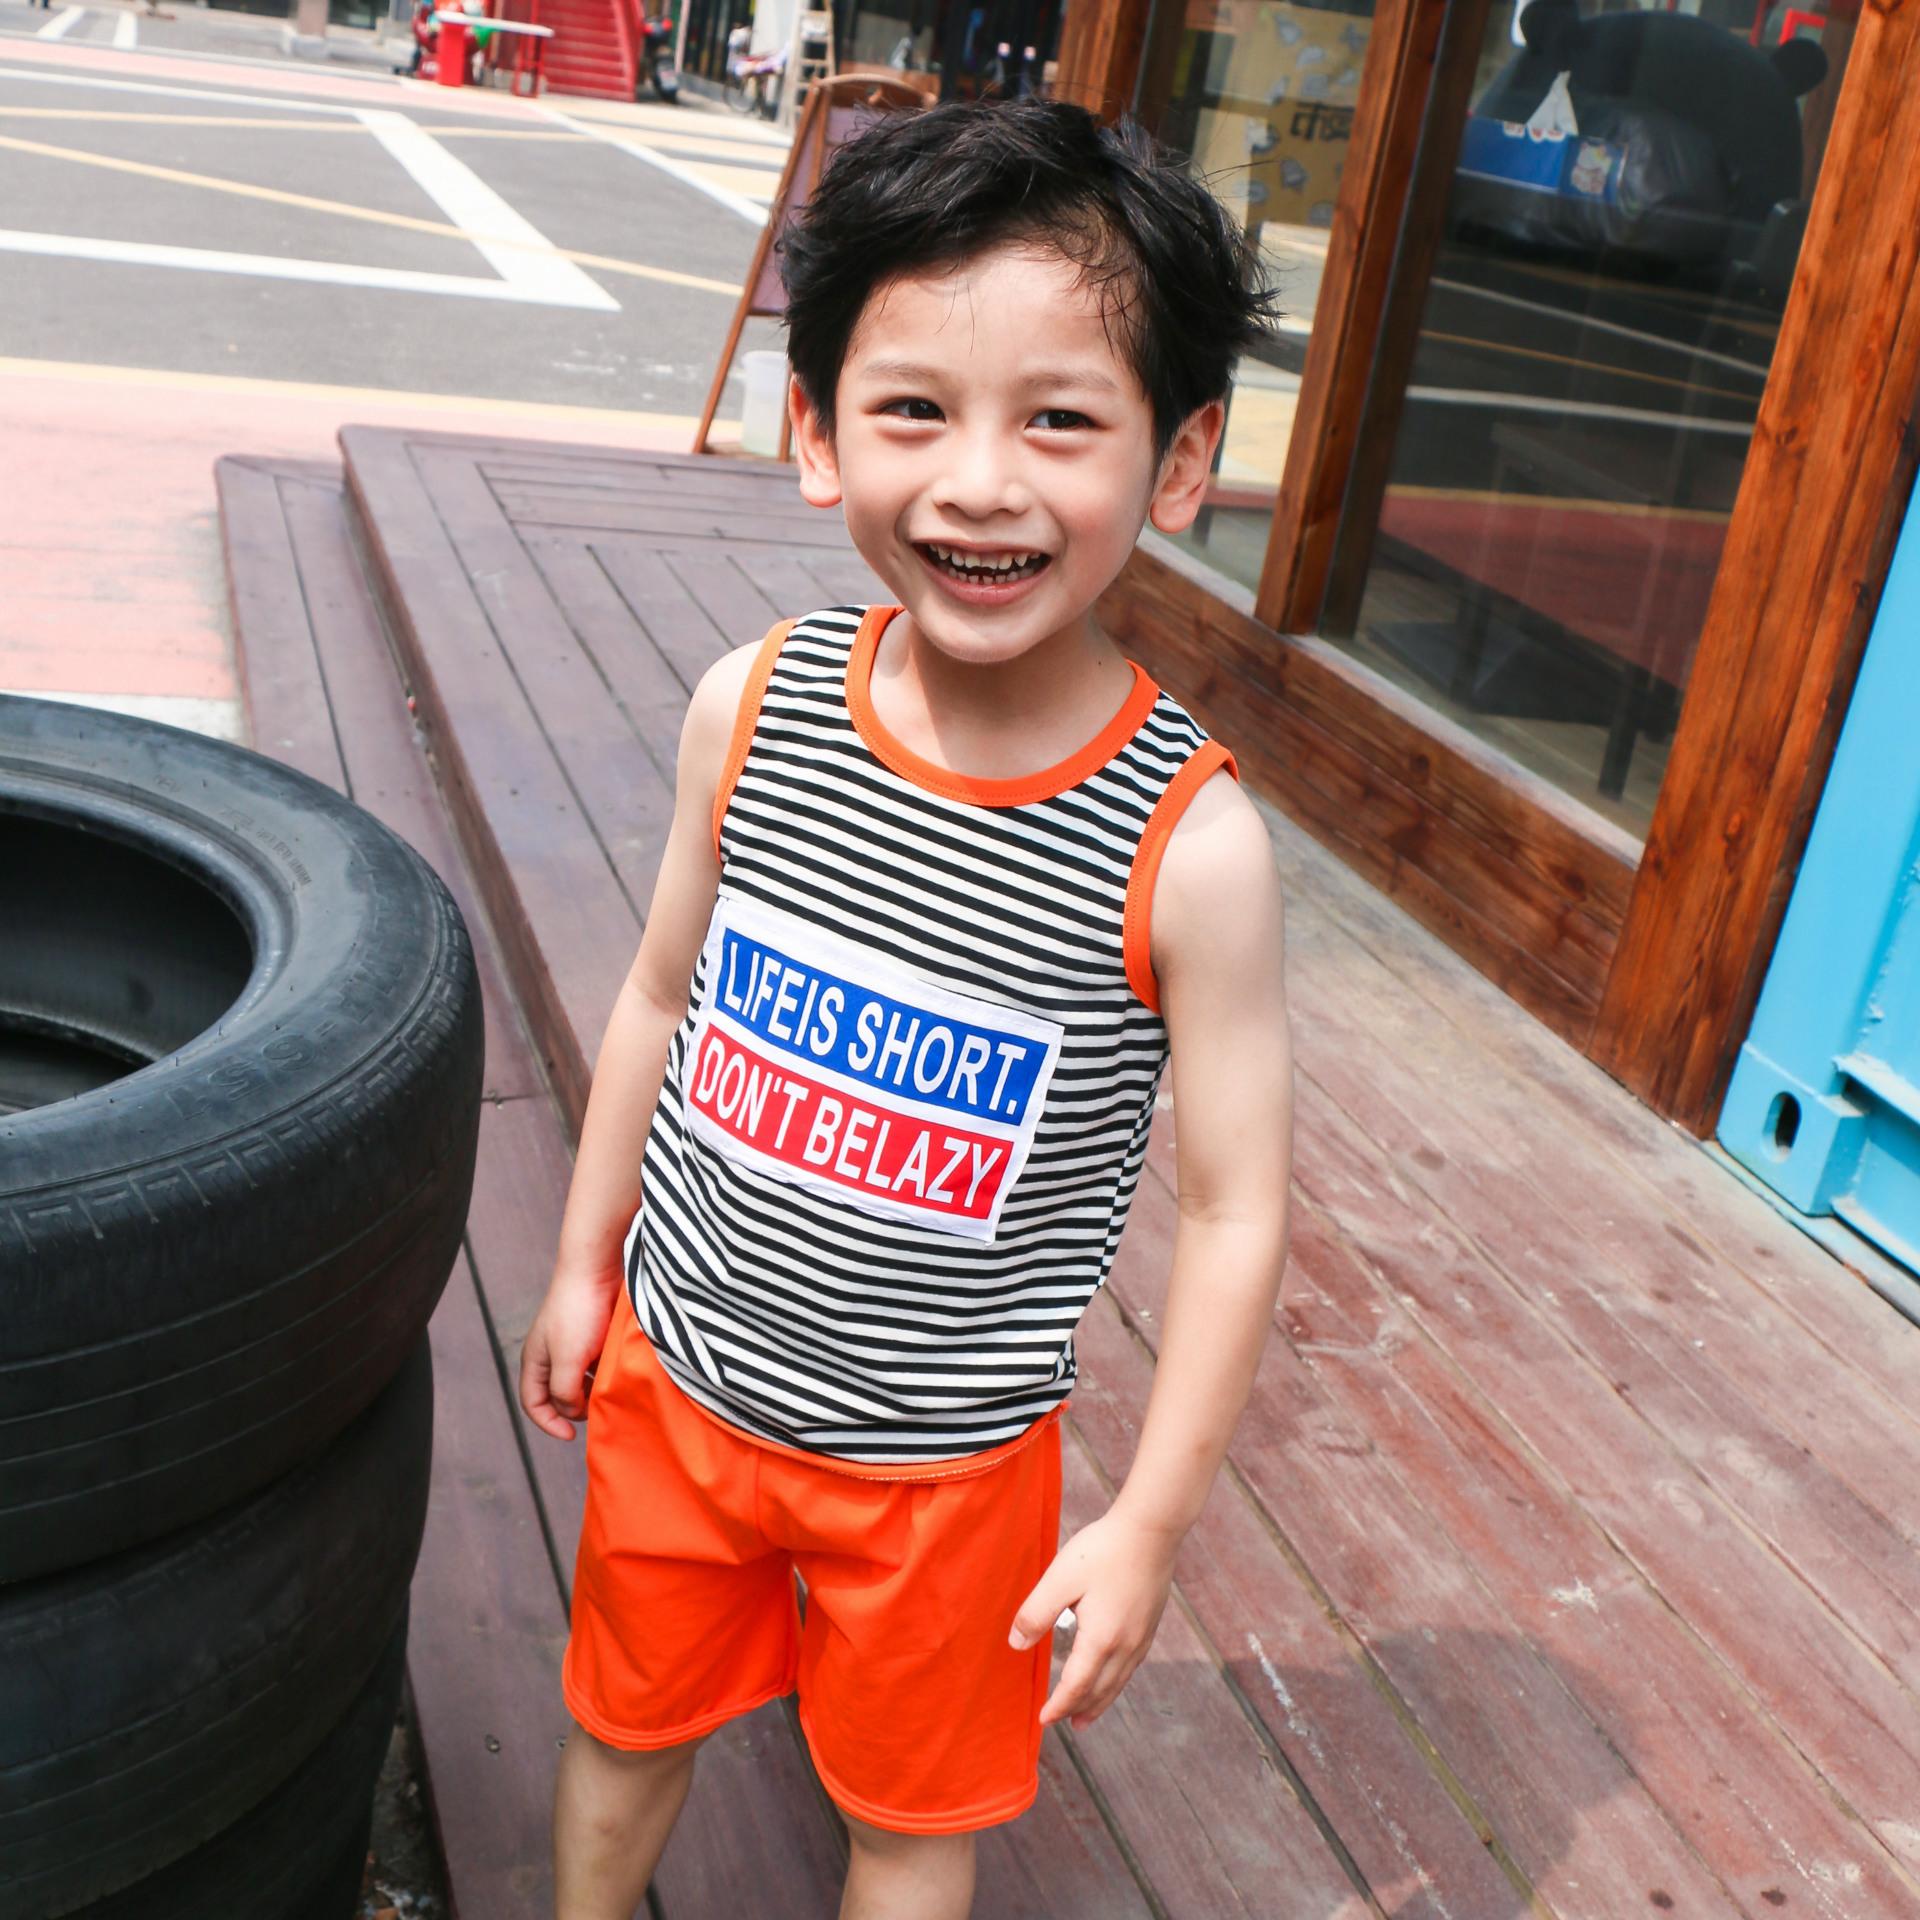 夏季男童纯棉无袖背心套装新款条纹印花宝宝休闲背心短裤两件套薄